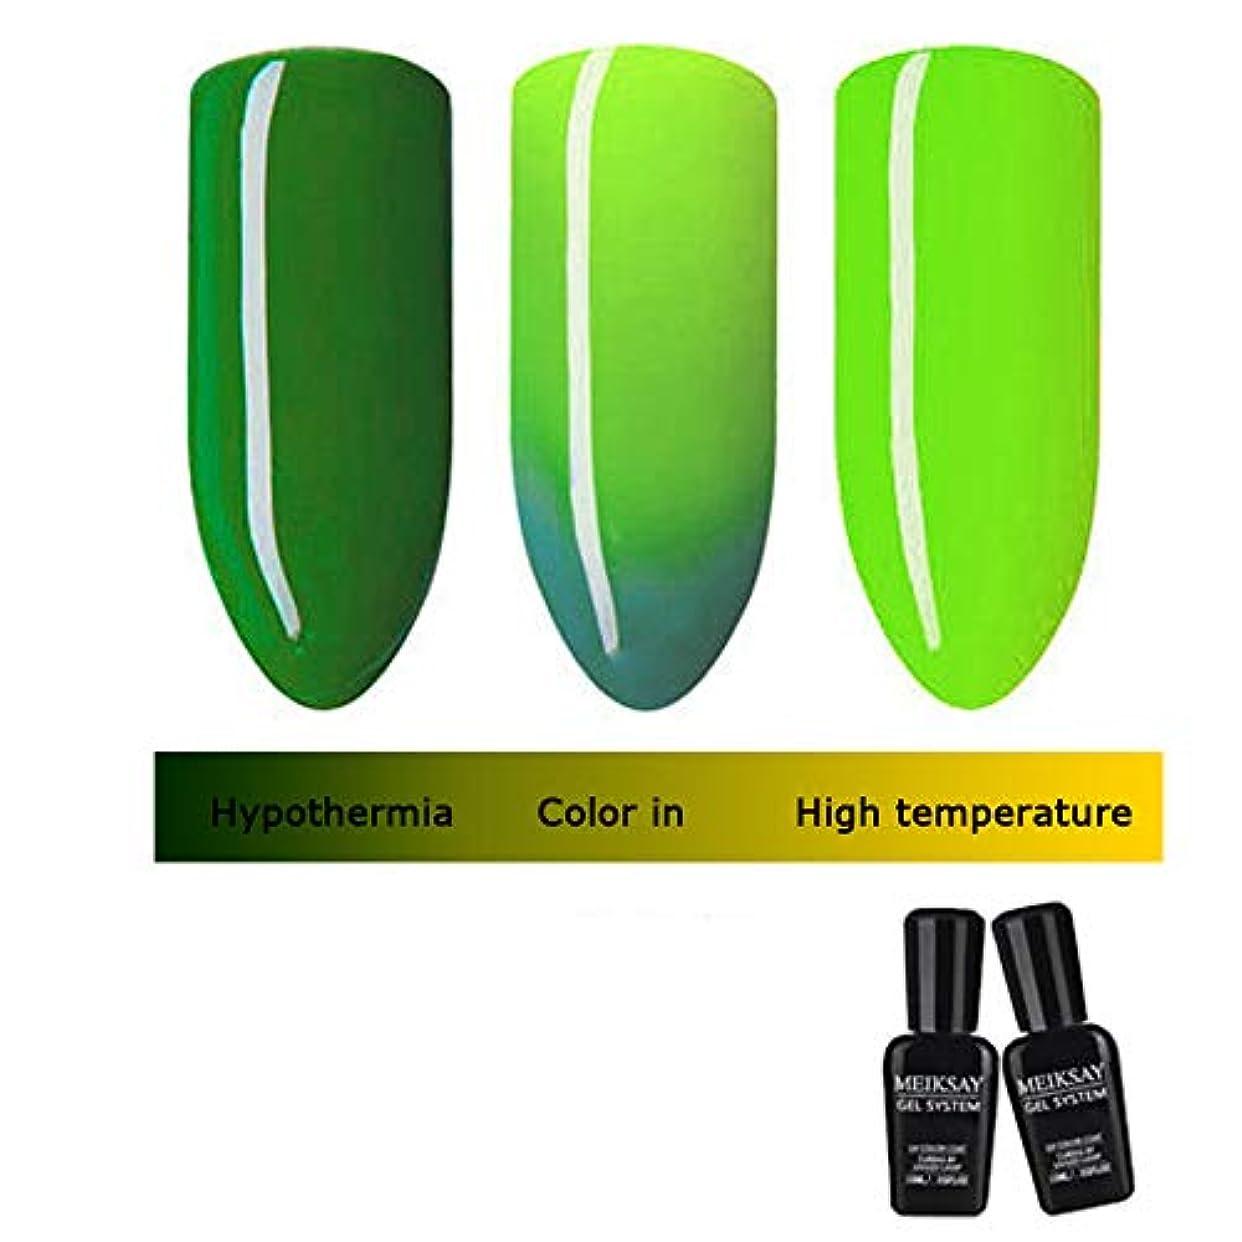 ポーズ一元化するハイランドLazayyii マニキュア サーモクロミック光線療法のり 熱温度変化色 ネイルラッカーUV LEDポリッシュゲル (B)